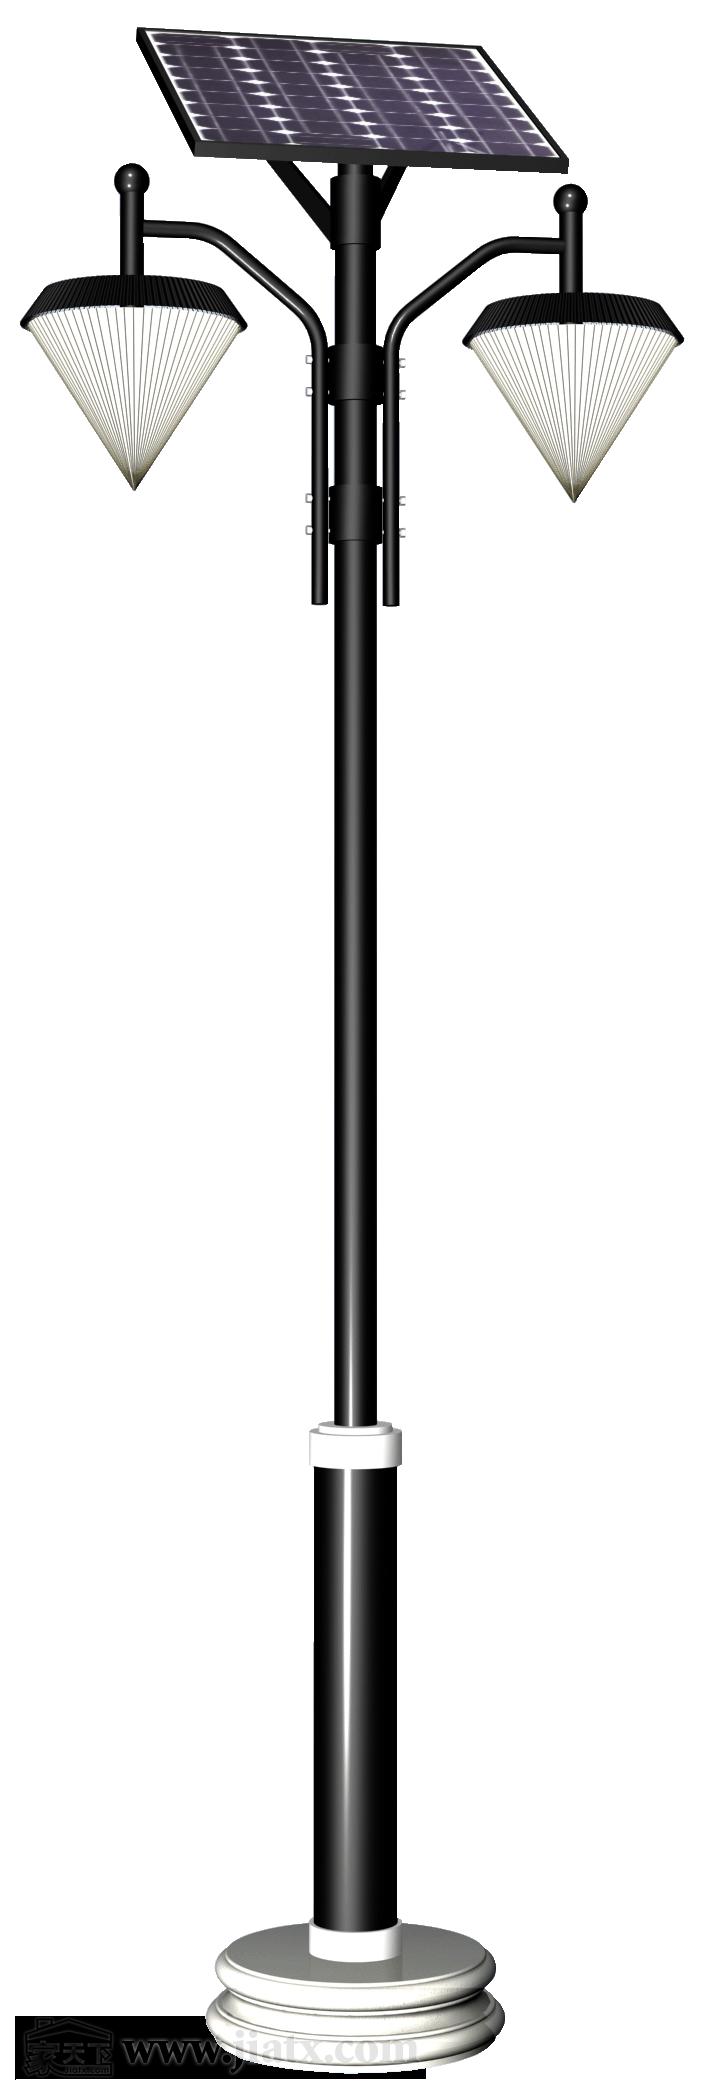 皇明太阳能庭院灯HZT-19